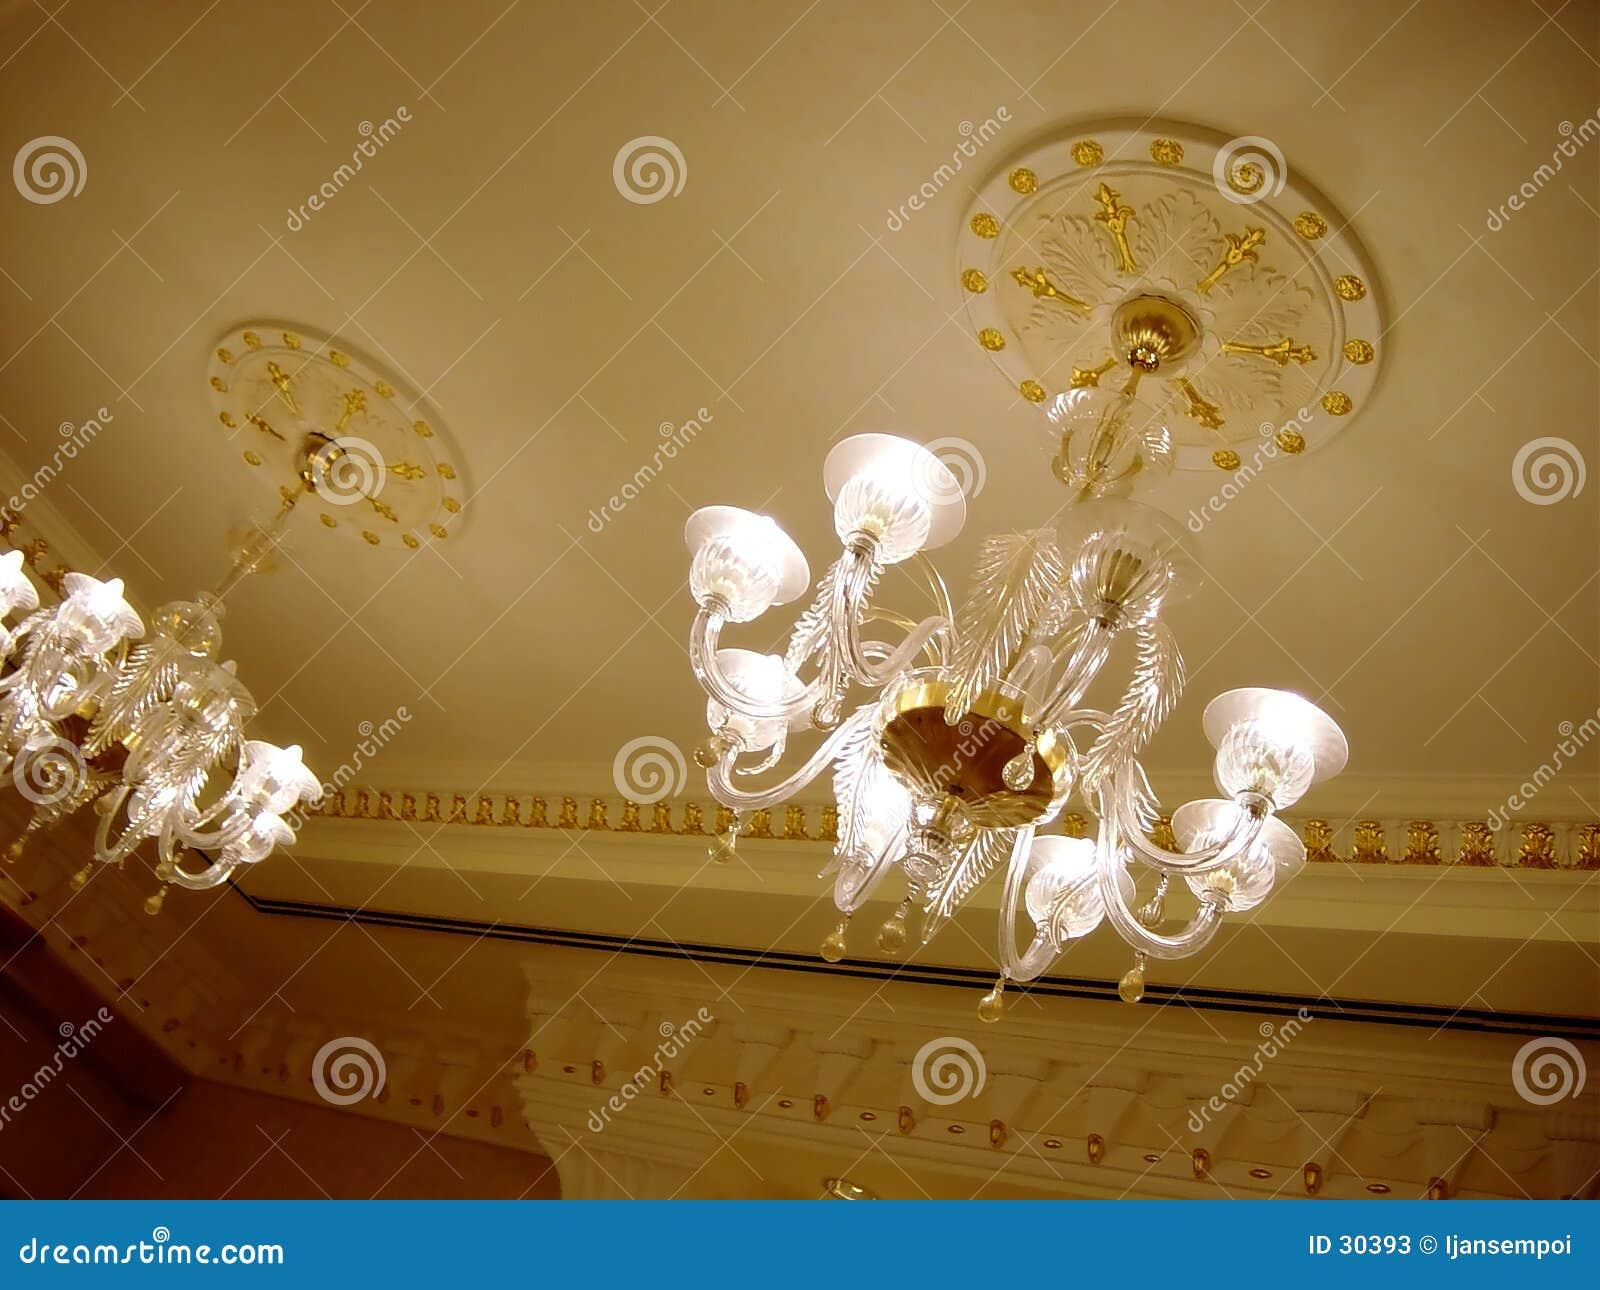 Download Celling del hotel imagen de archivo. Imagen de lujo, lámpara - 30393